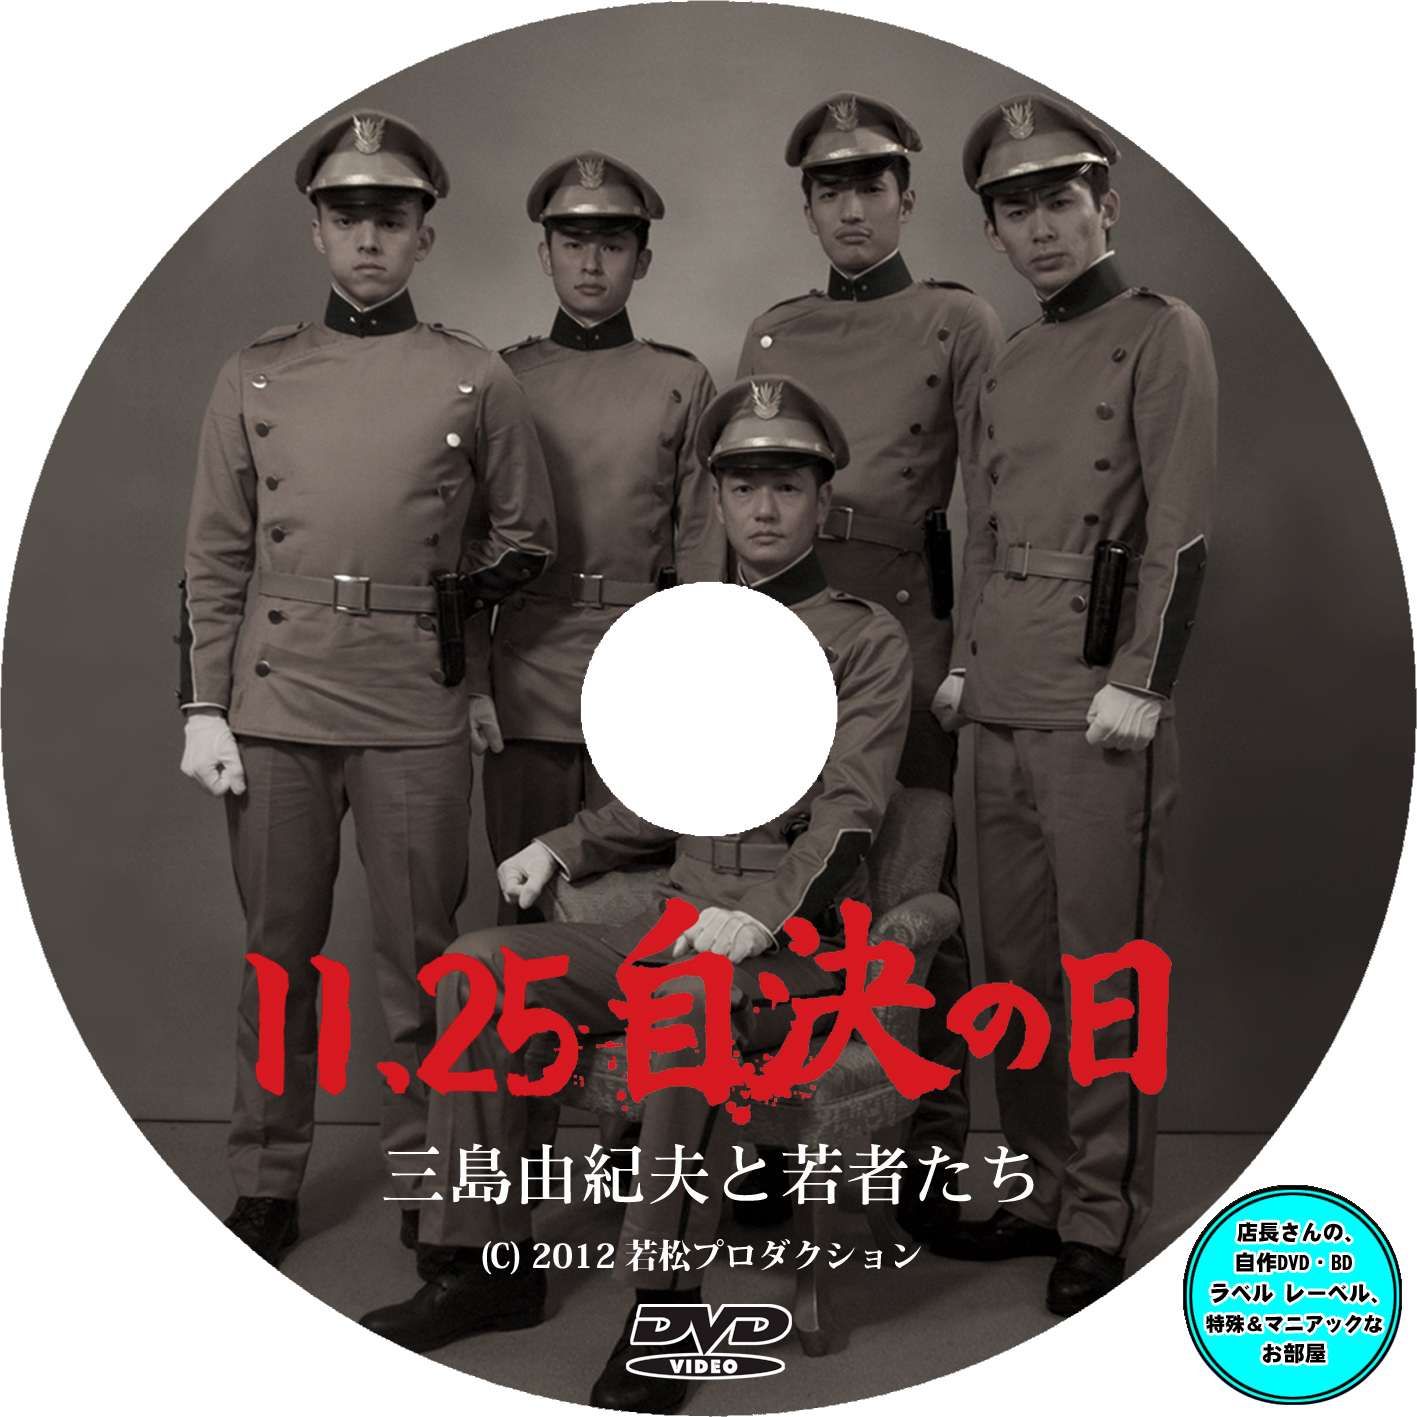 三島 由紀夫 憂国 dvd